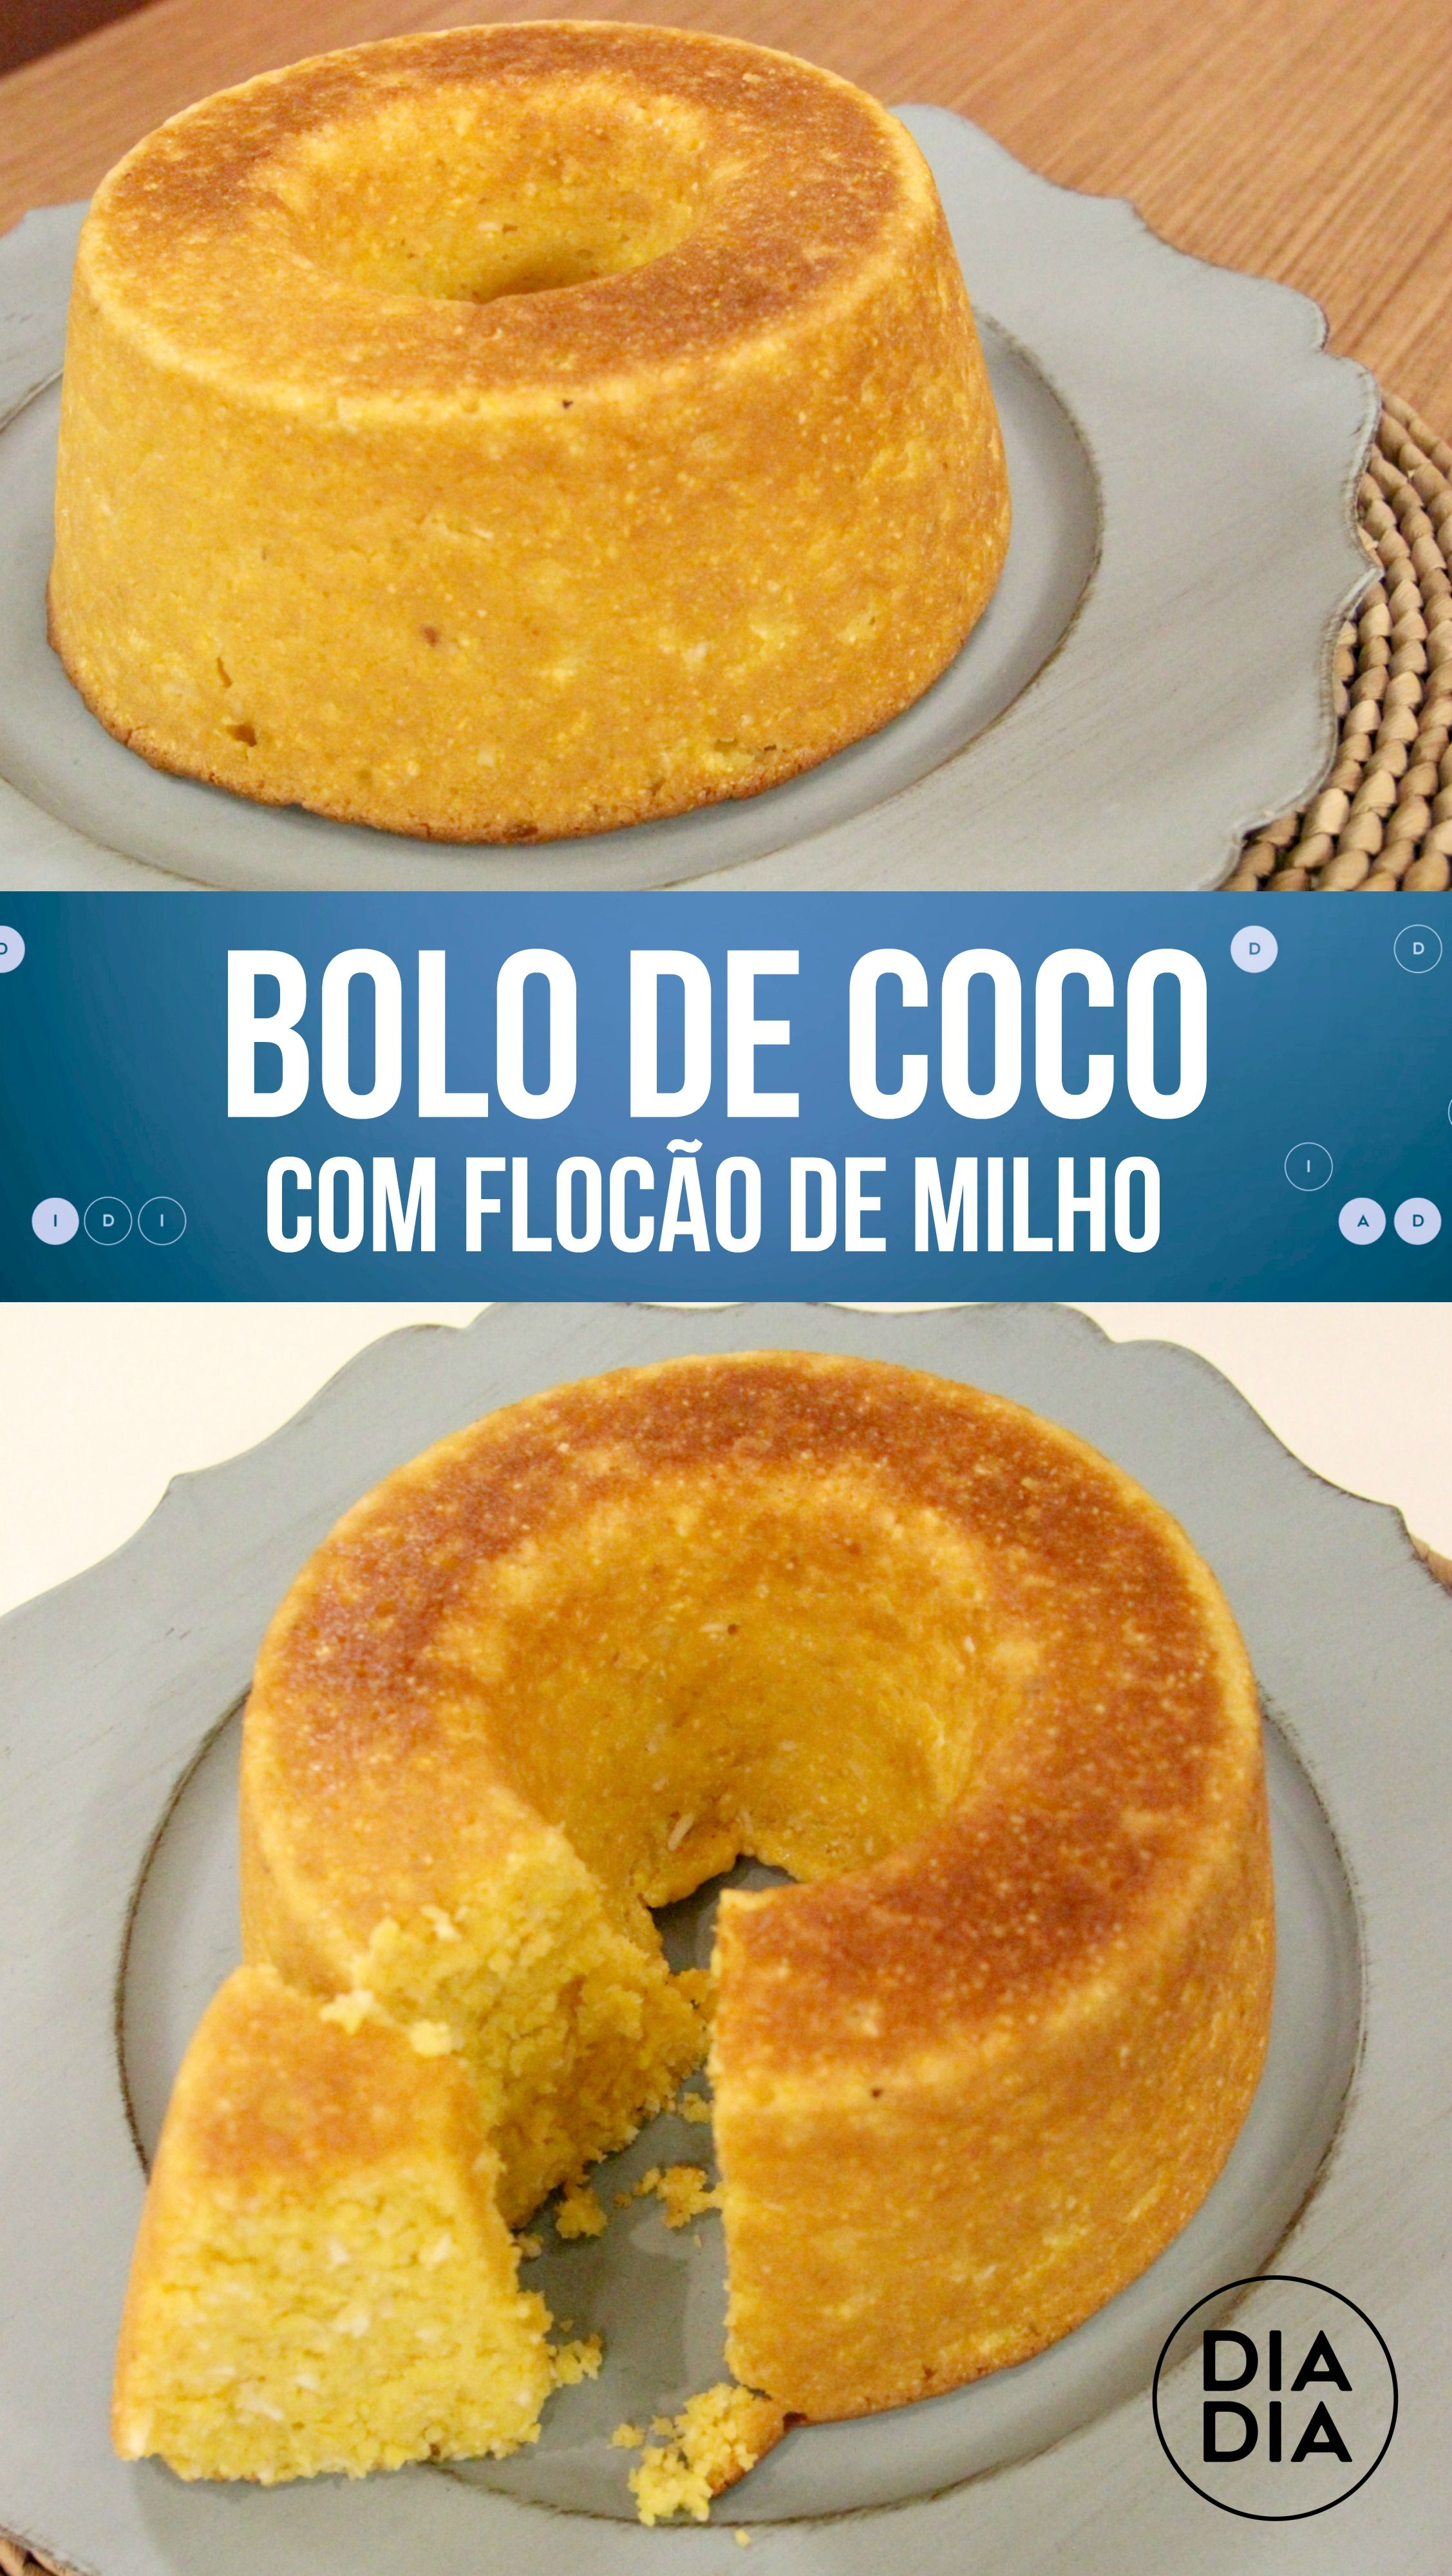 Bolo De Flocao De Milho Com Coco Ideias Receitas Bolo De Flocao